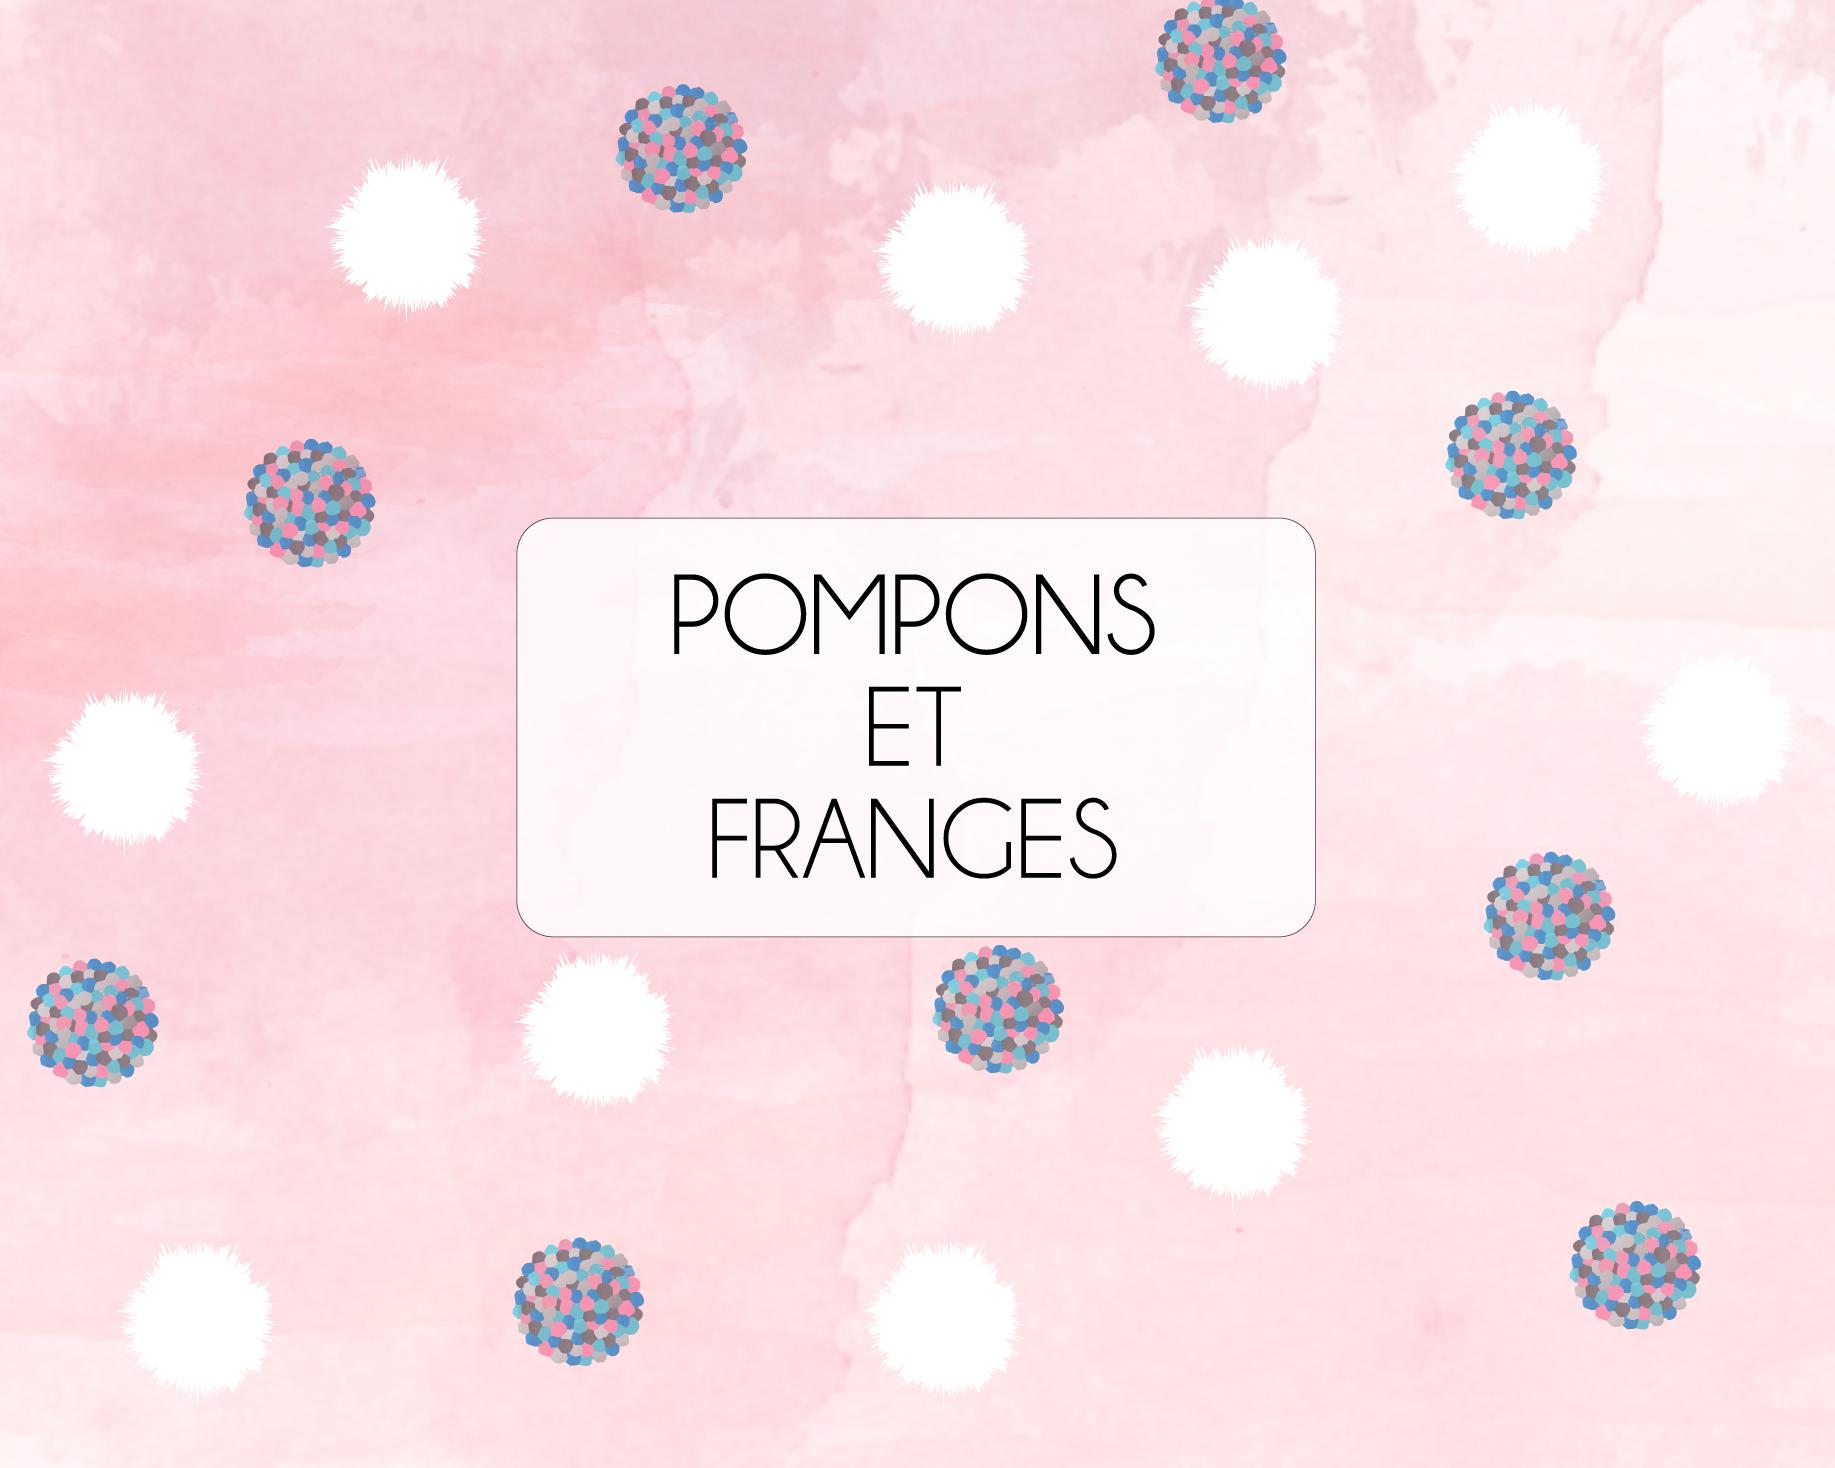 pompons-et-franges-miniature-